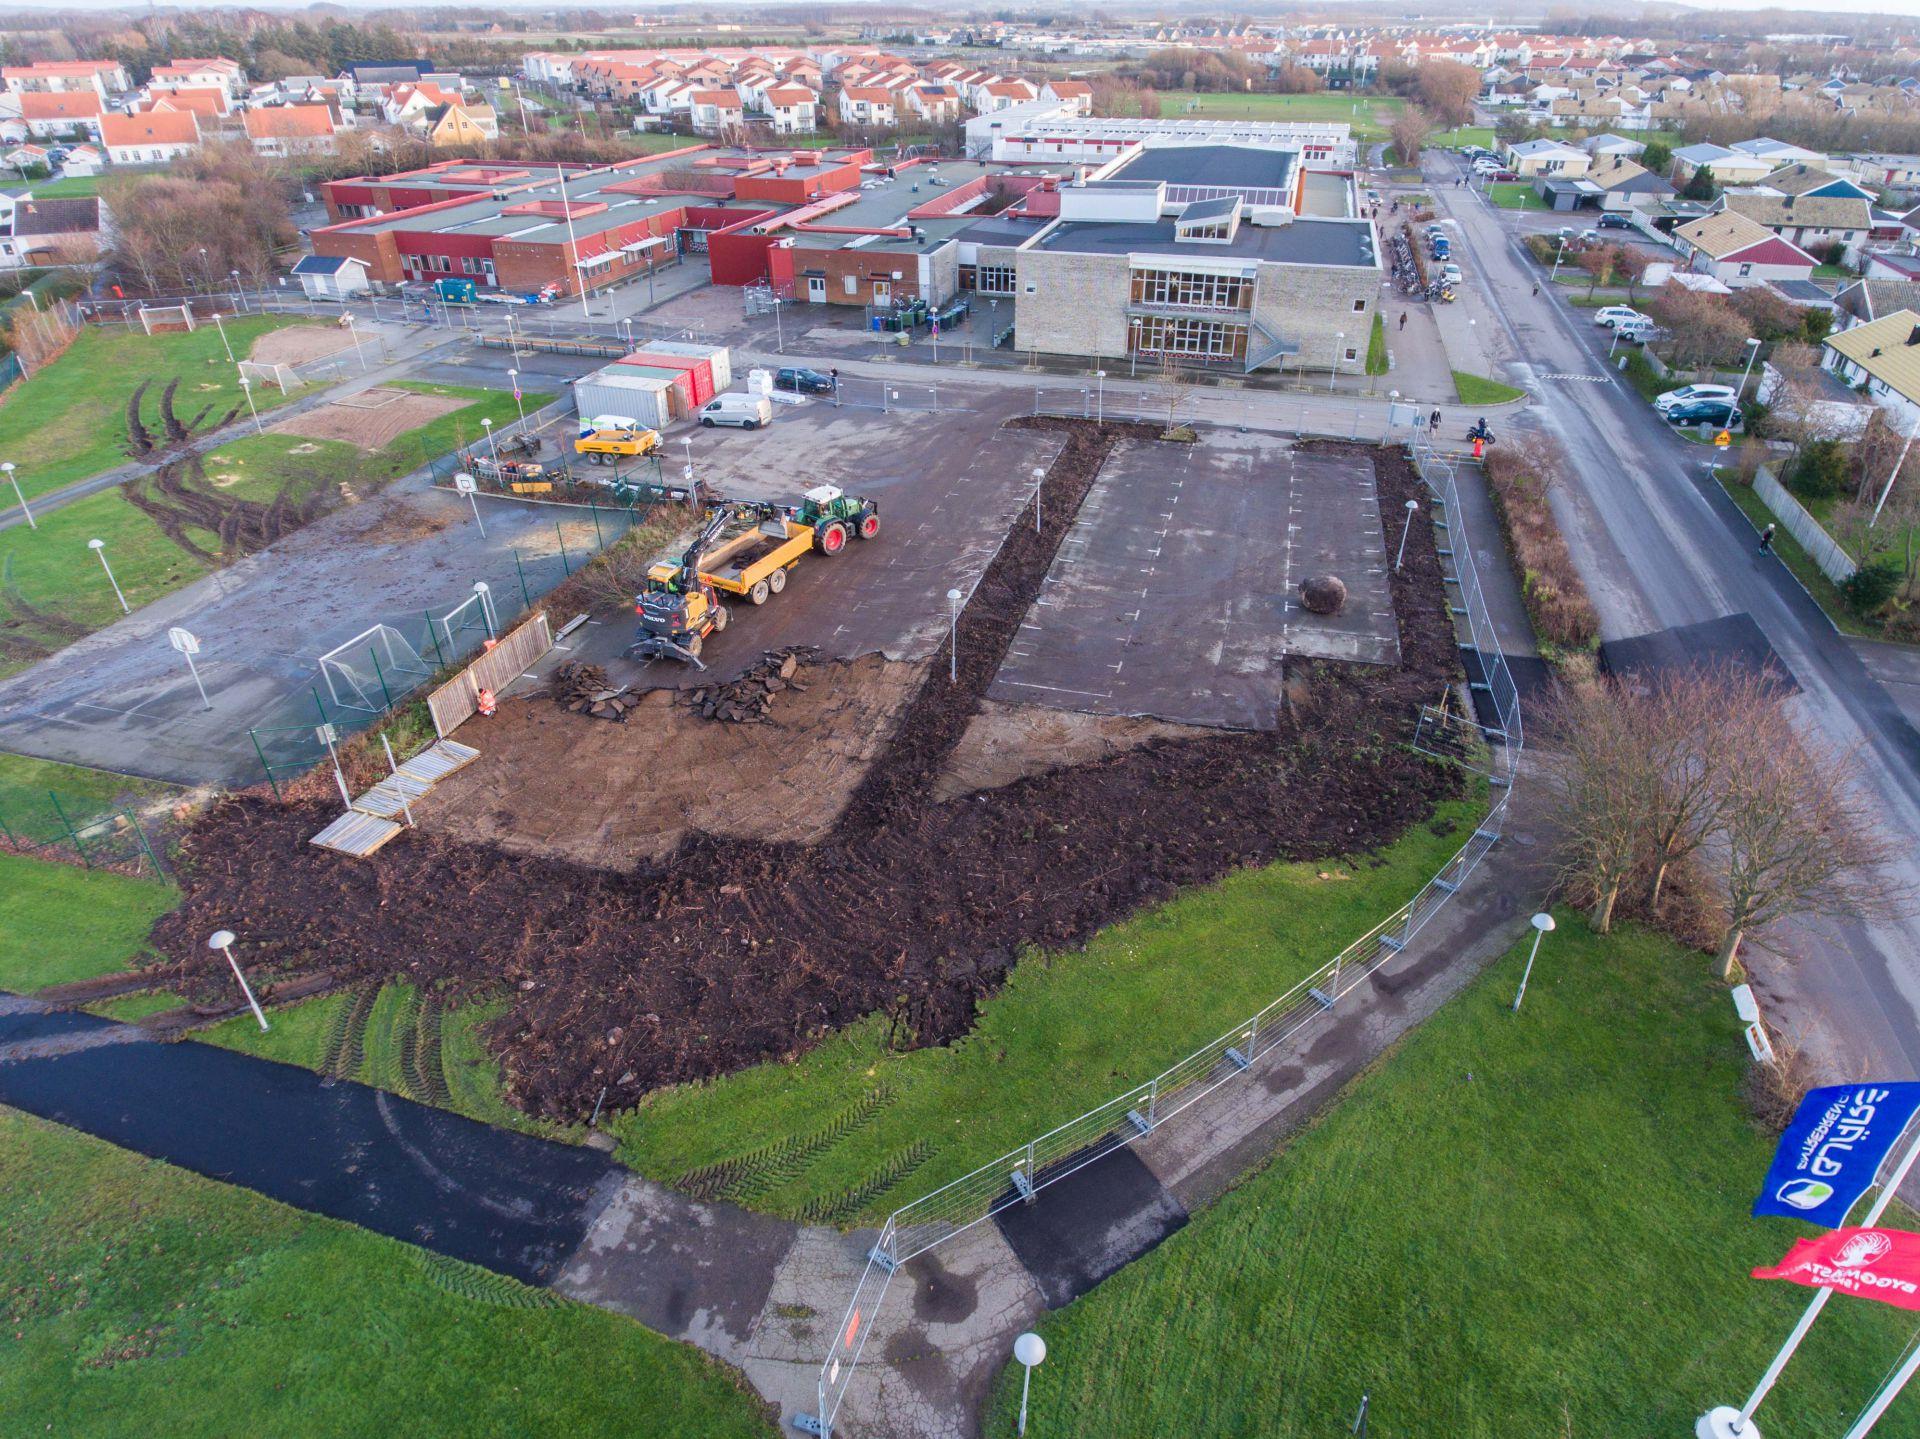 Grävskopa lastar asfalten från Vikenskolans parkering till släp och arbetare tar ned staket. Samhället i bakgrunden